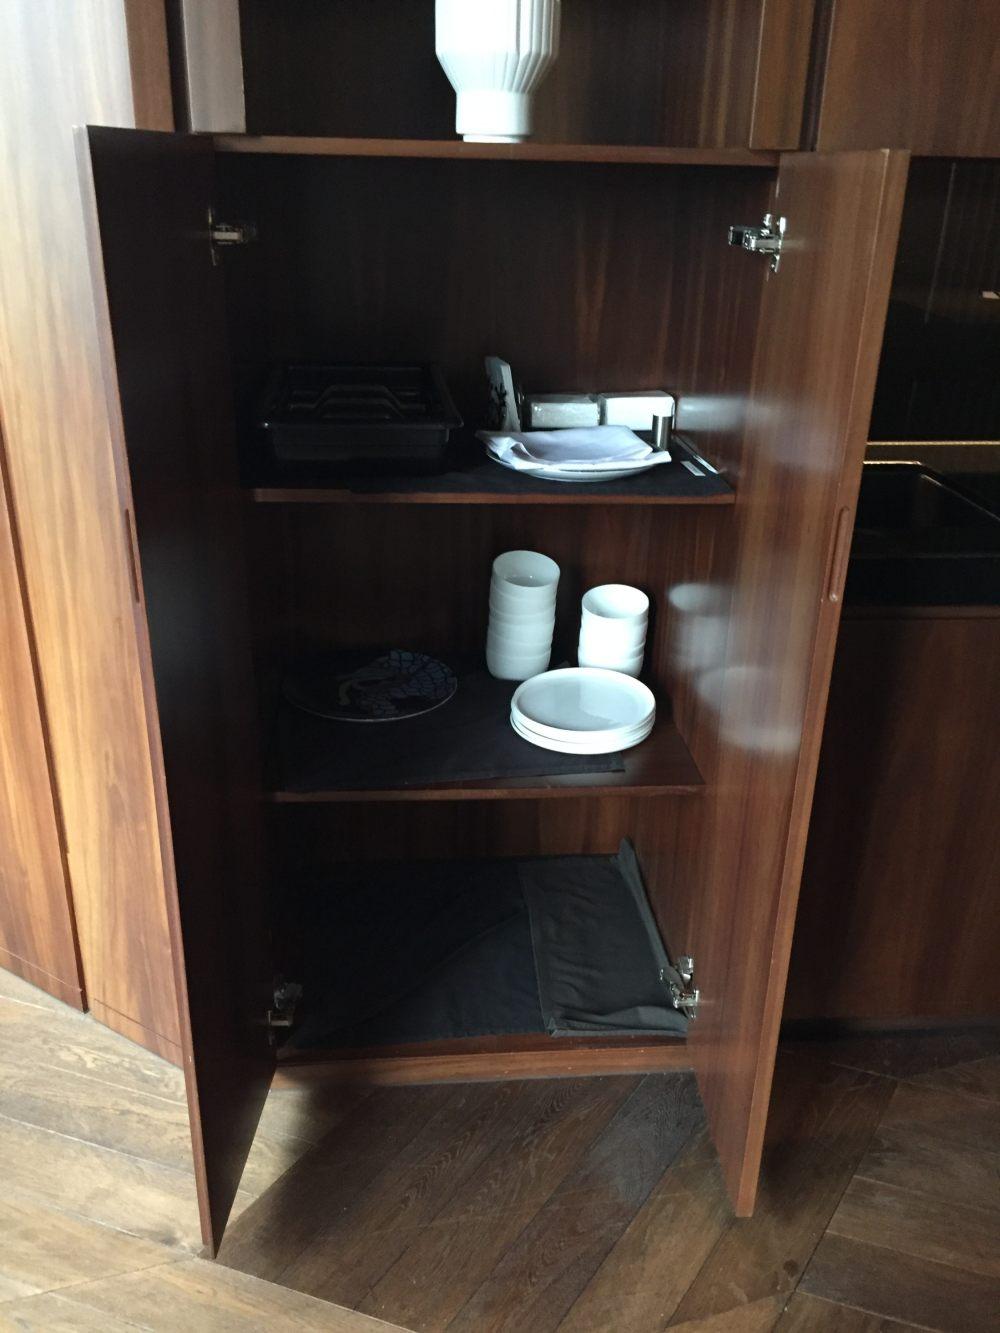 上海外滩W酒店,史上最全入住体验 自拍分享,申请置...._IMG_6319.JPG